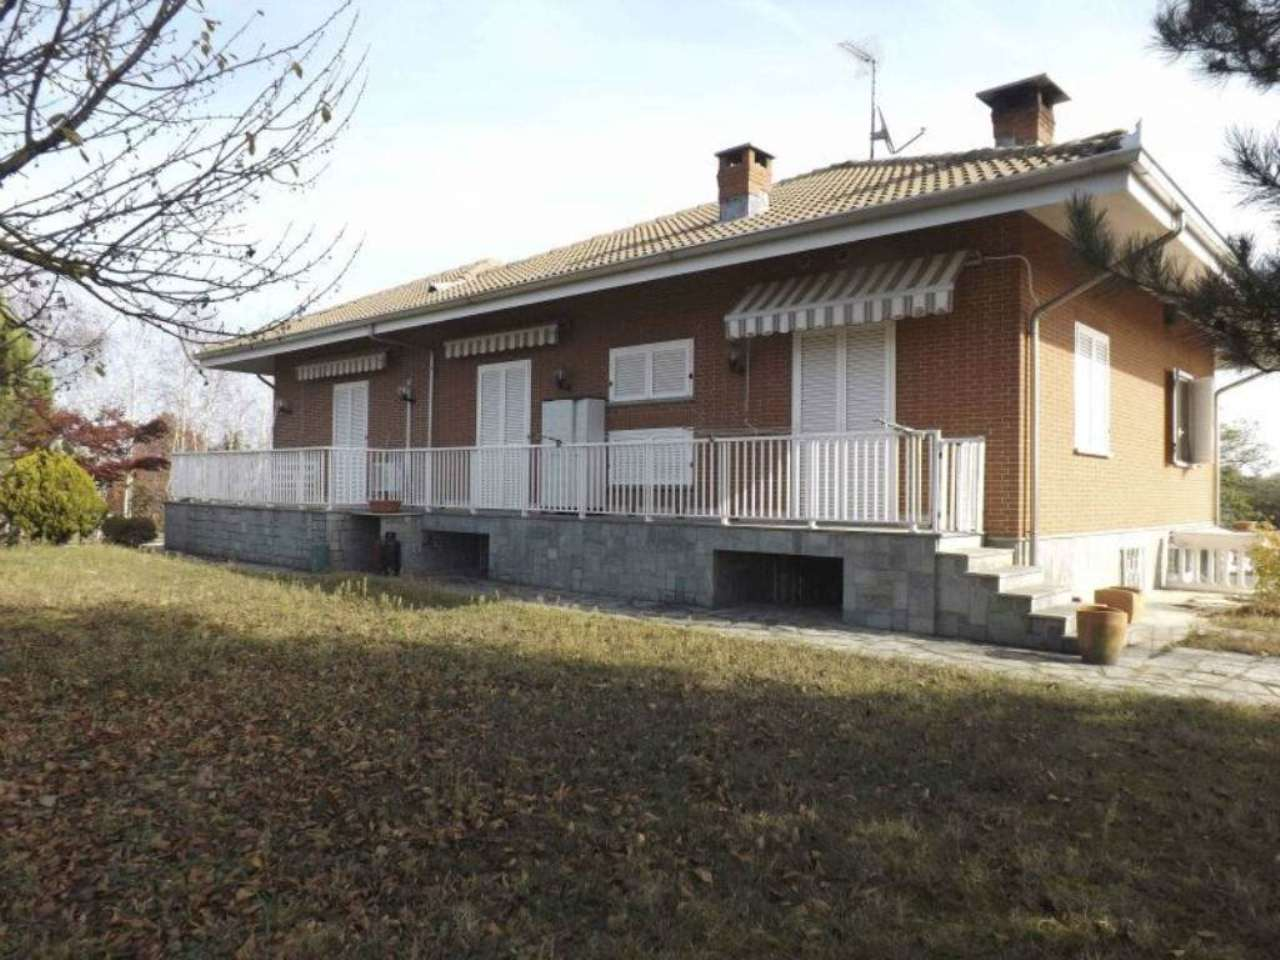 Villa in vendita a Montafia, 9999 locali, prezzo € 470.000 | CambioCasa.it